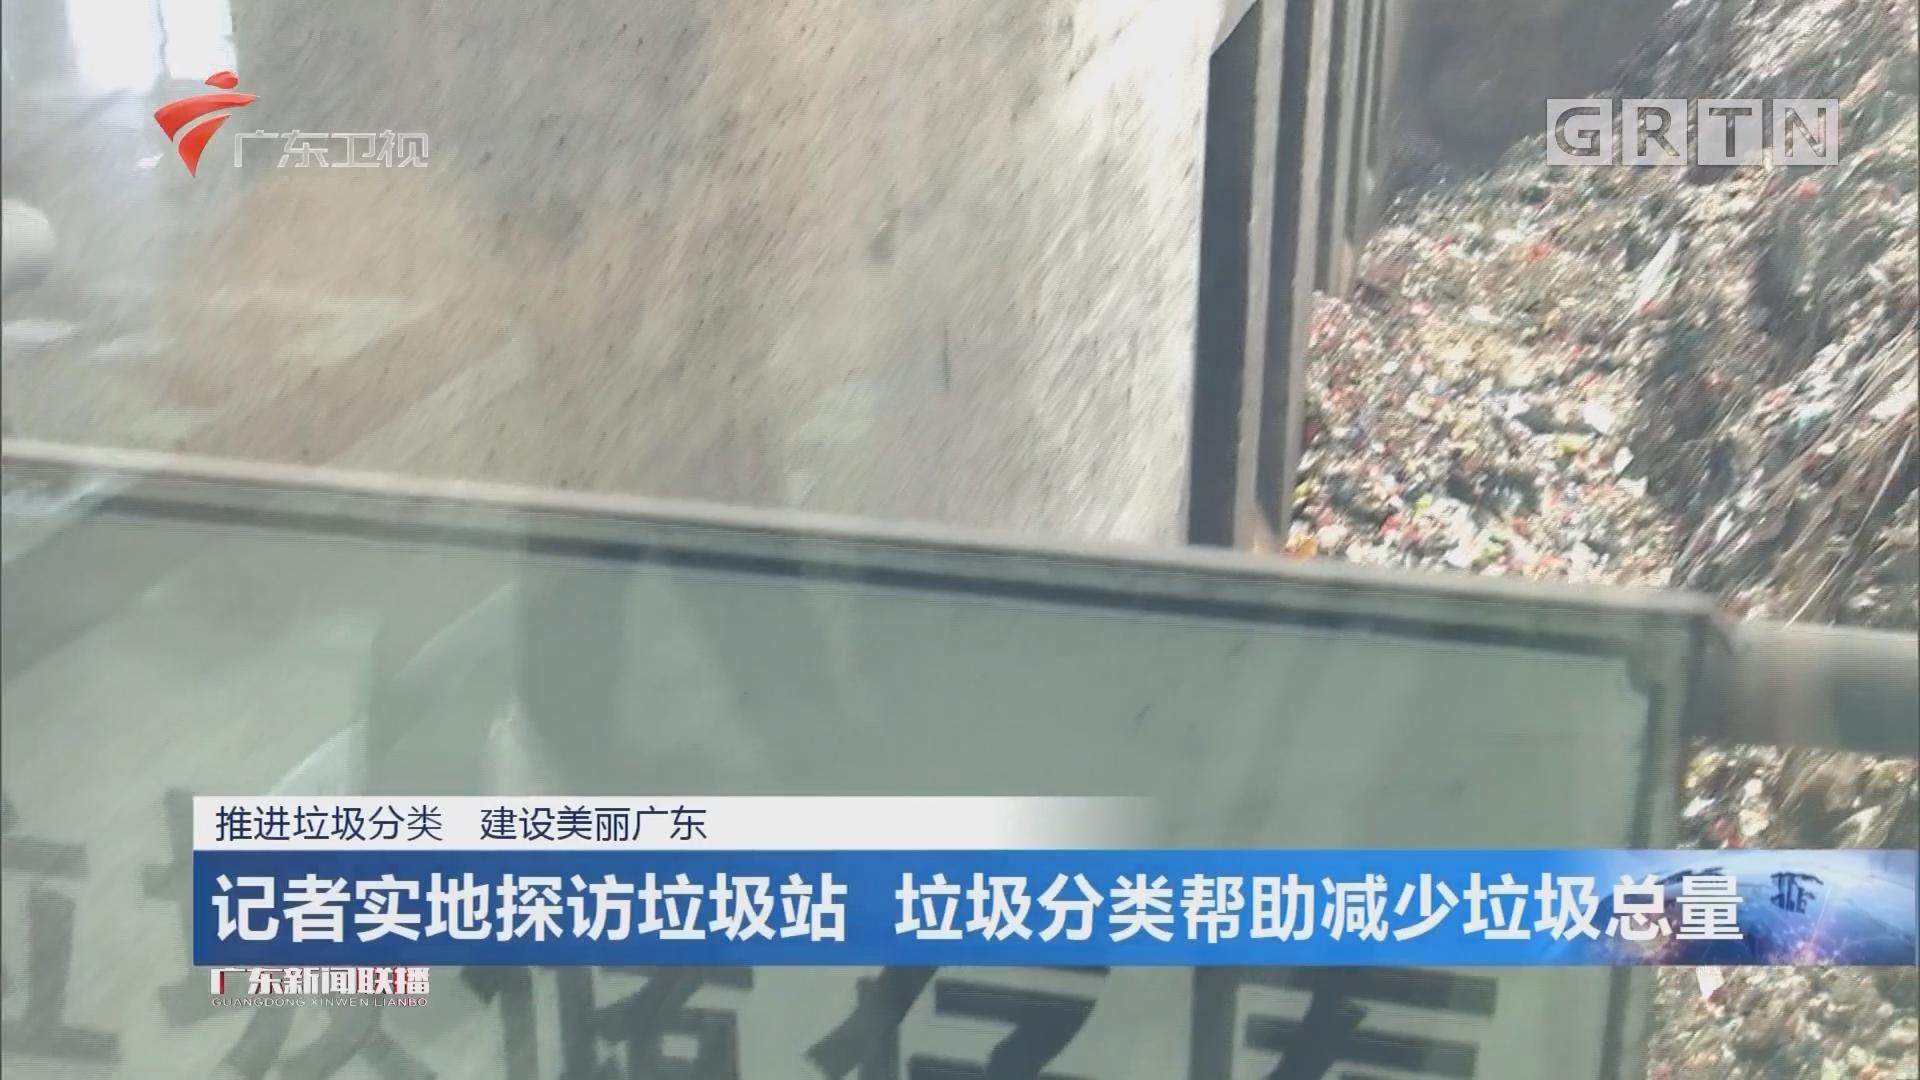 记者实地探访垃圾站 垃圾分类帮助减少垃圾总量